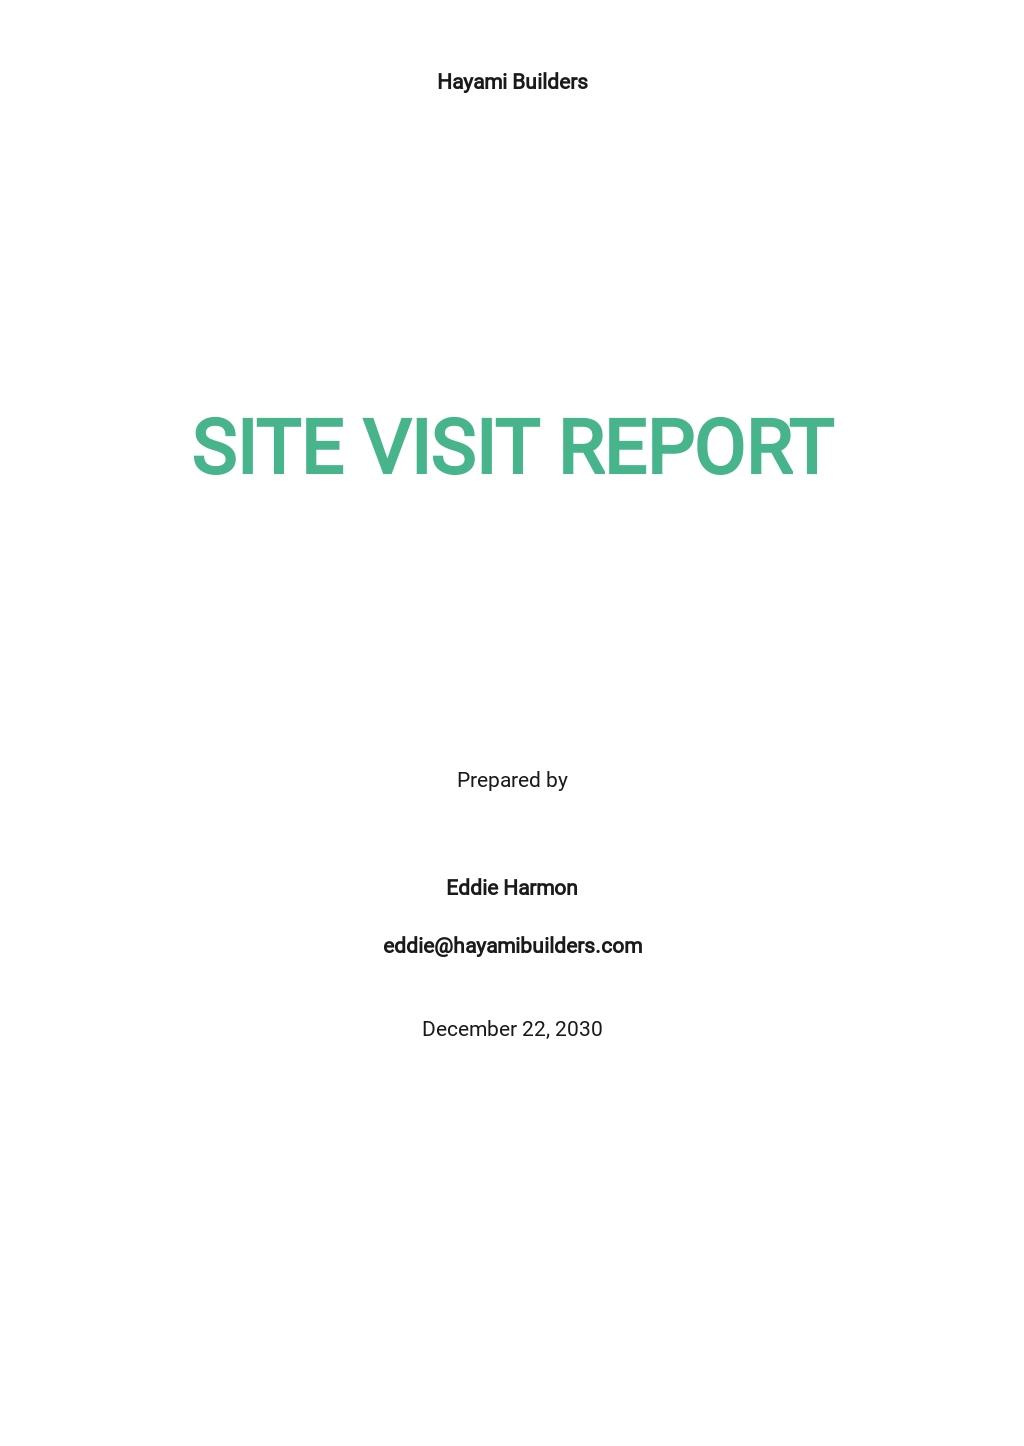 Site Visit Report Template .jpe